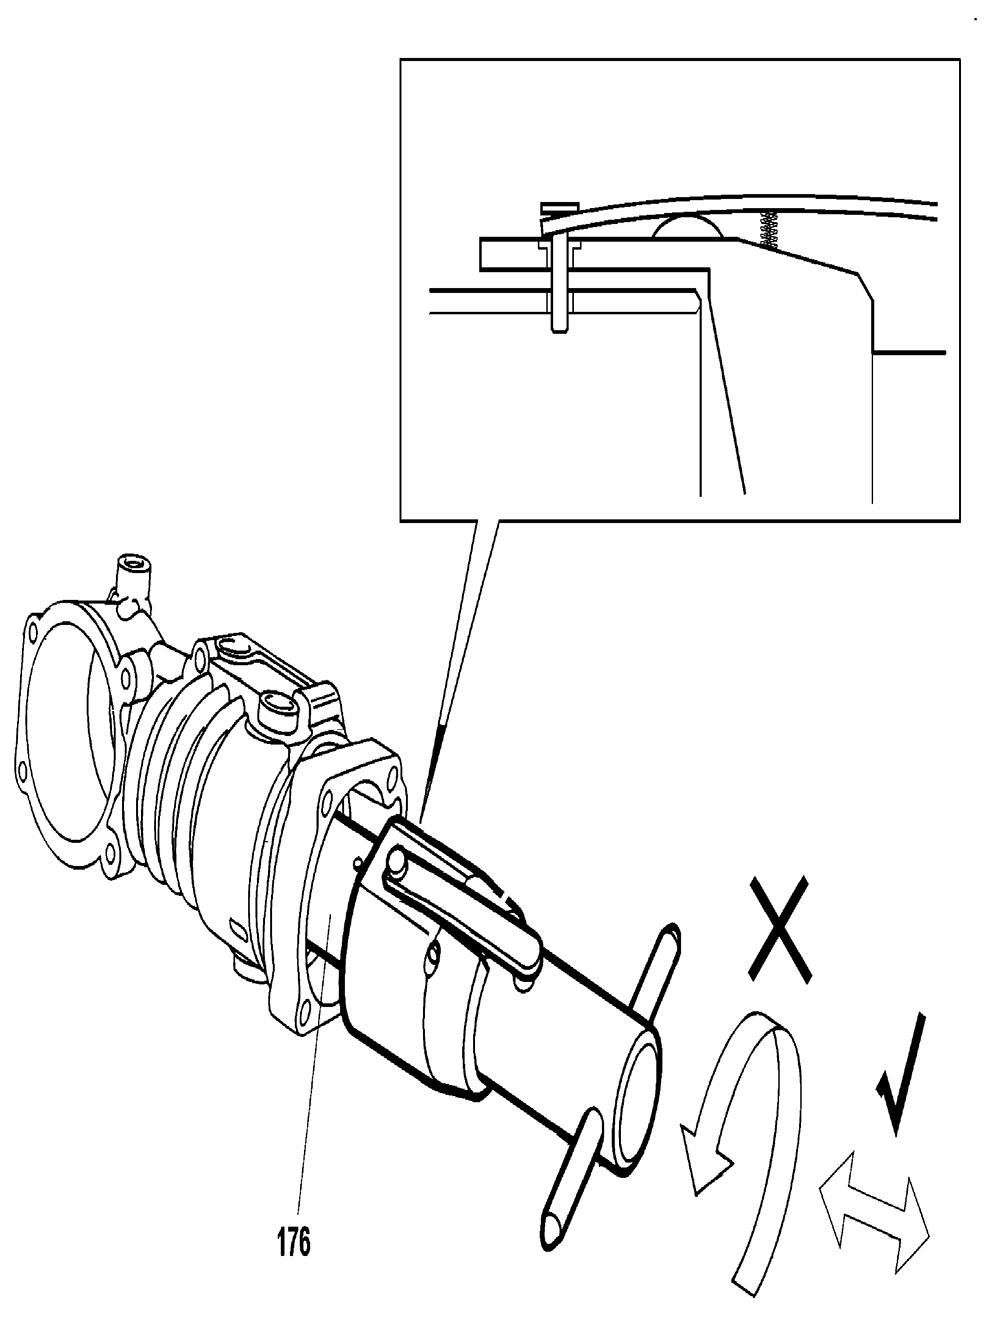 D25500KB2-Dewalt-T1-PB-4Break Down